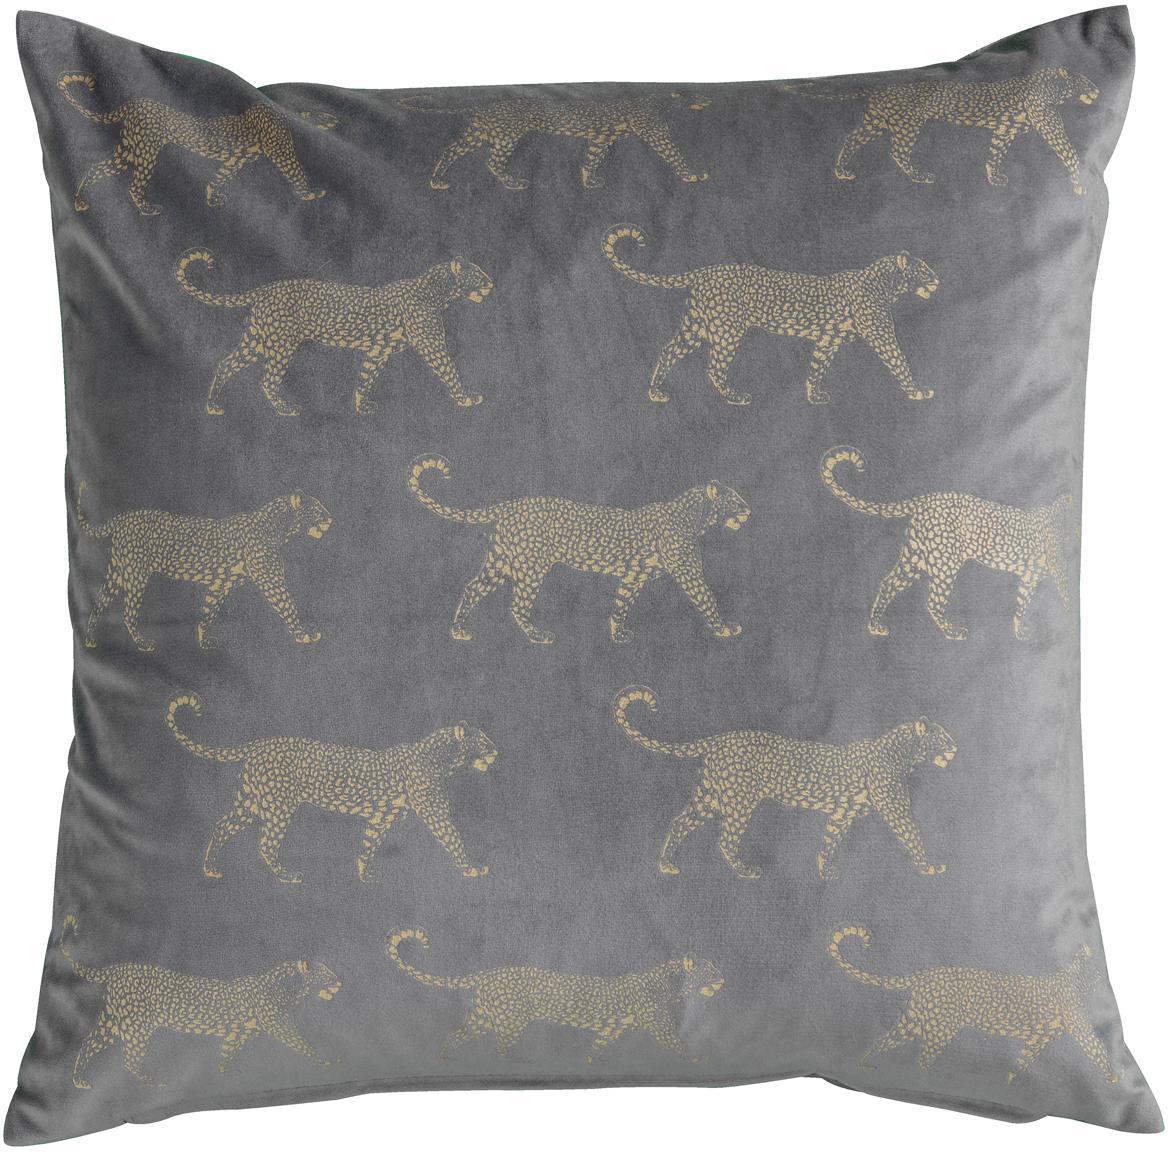 Cuscino con imbottitura in velluto Leopard, Rivestimento: 100% velluto di poliester, Grigio, dorato, Larg. 45 x Lung. 45 cm